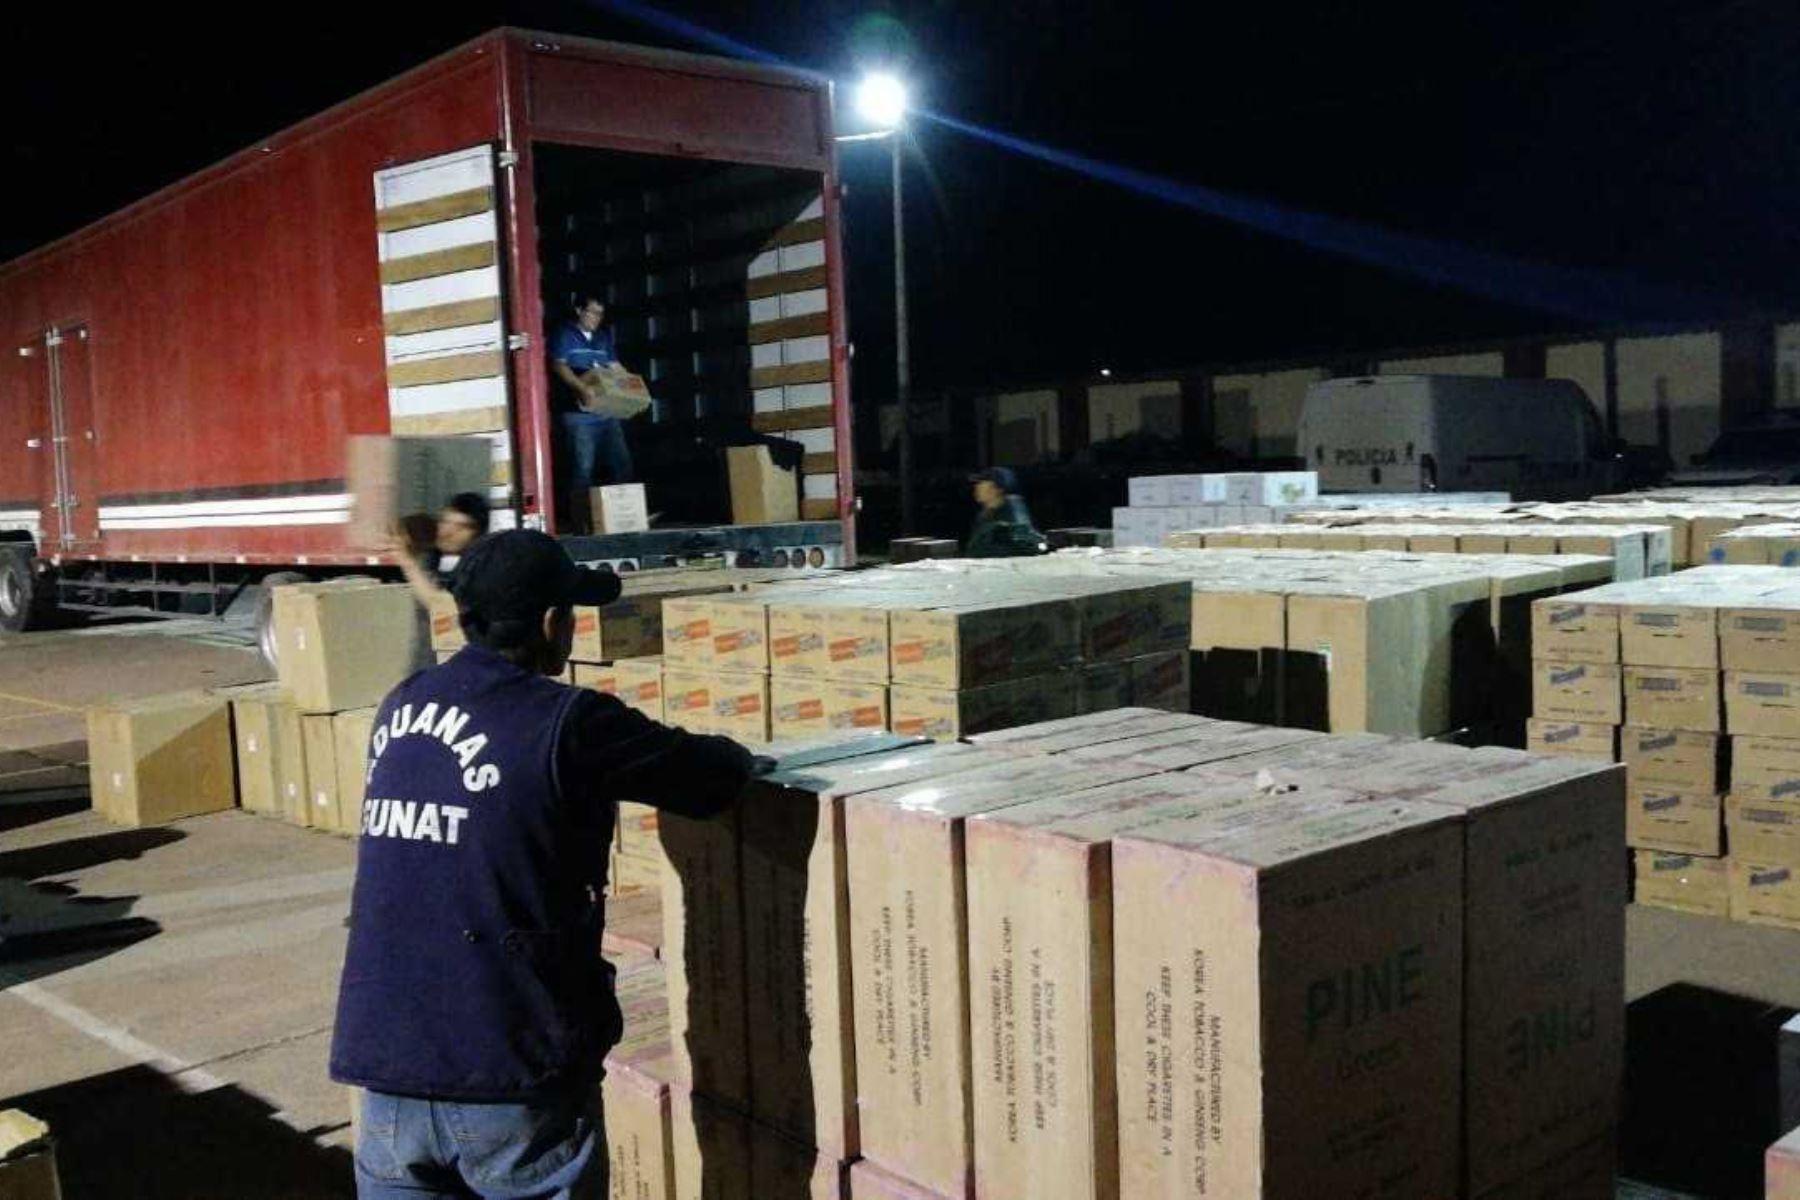 Como parte de las acciones de control aduanero y aplicando herramientas de gestión de riesgo, personal de la Sunat intervino, en la región Cusco, un camión que transportaba un lote de cigarrillos paraguayos que carecían de documentación que ampare su ingreso al país. El valor comercial de las mercancías asciende a 400,000 dólares.